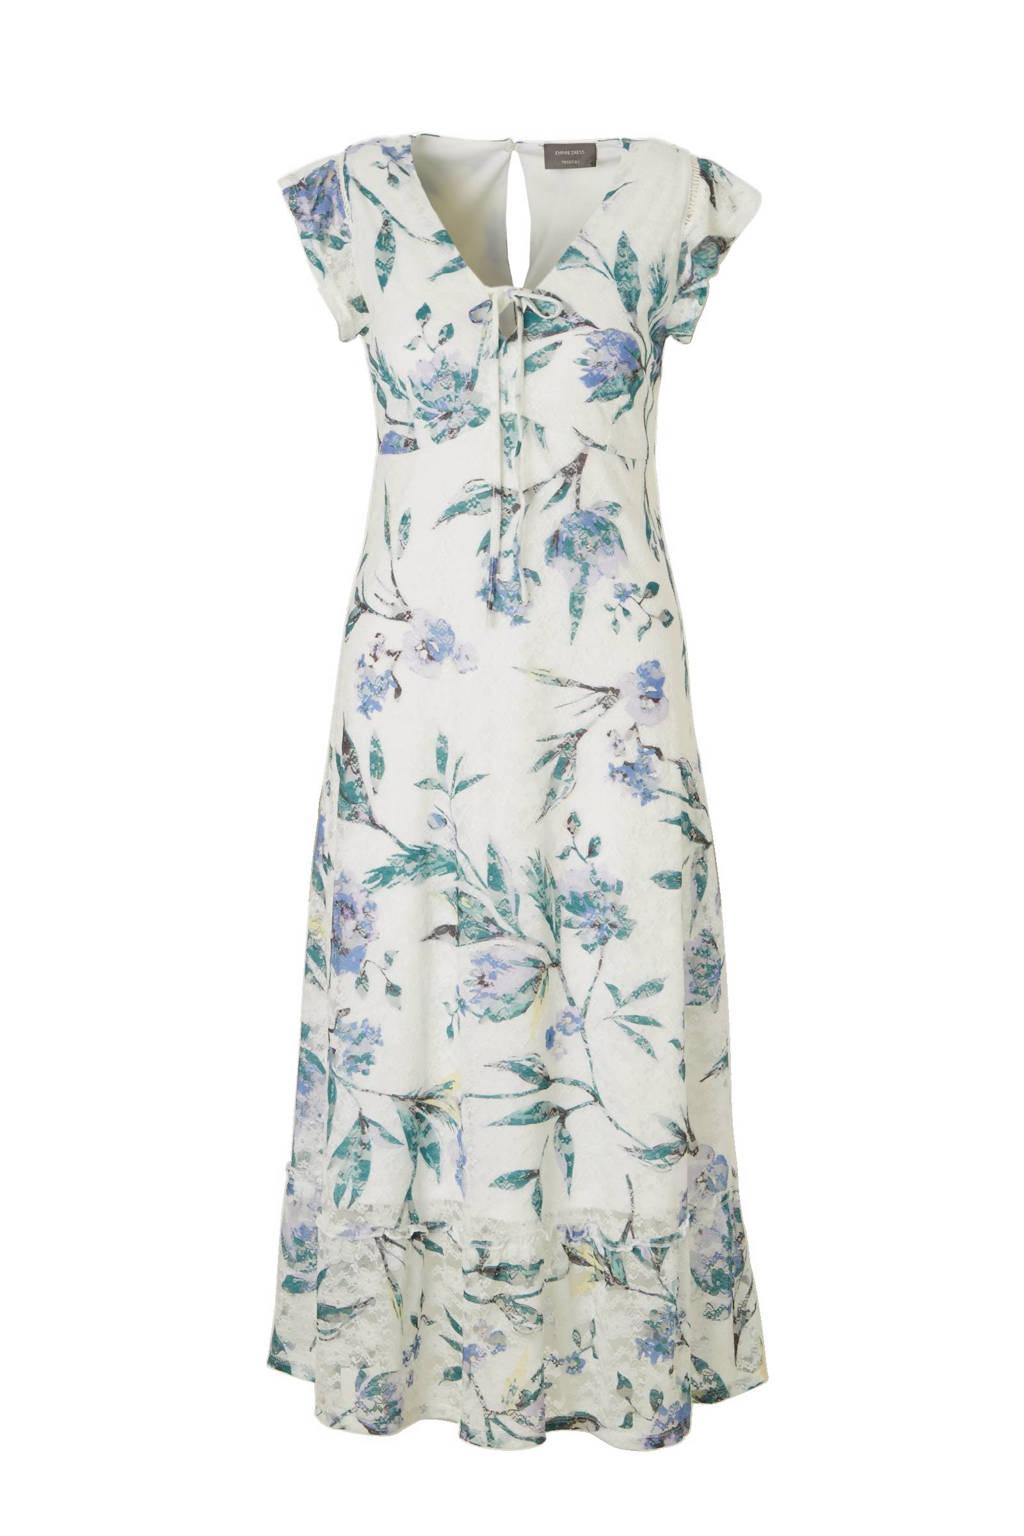 C&A Yessica kanten jurk met bloemenprint, Naturel wit/groen/blauw